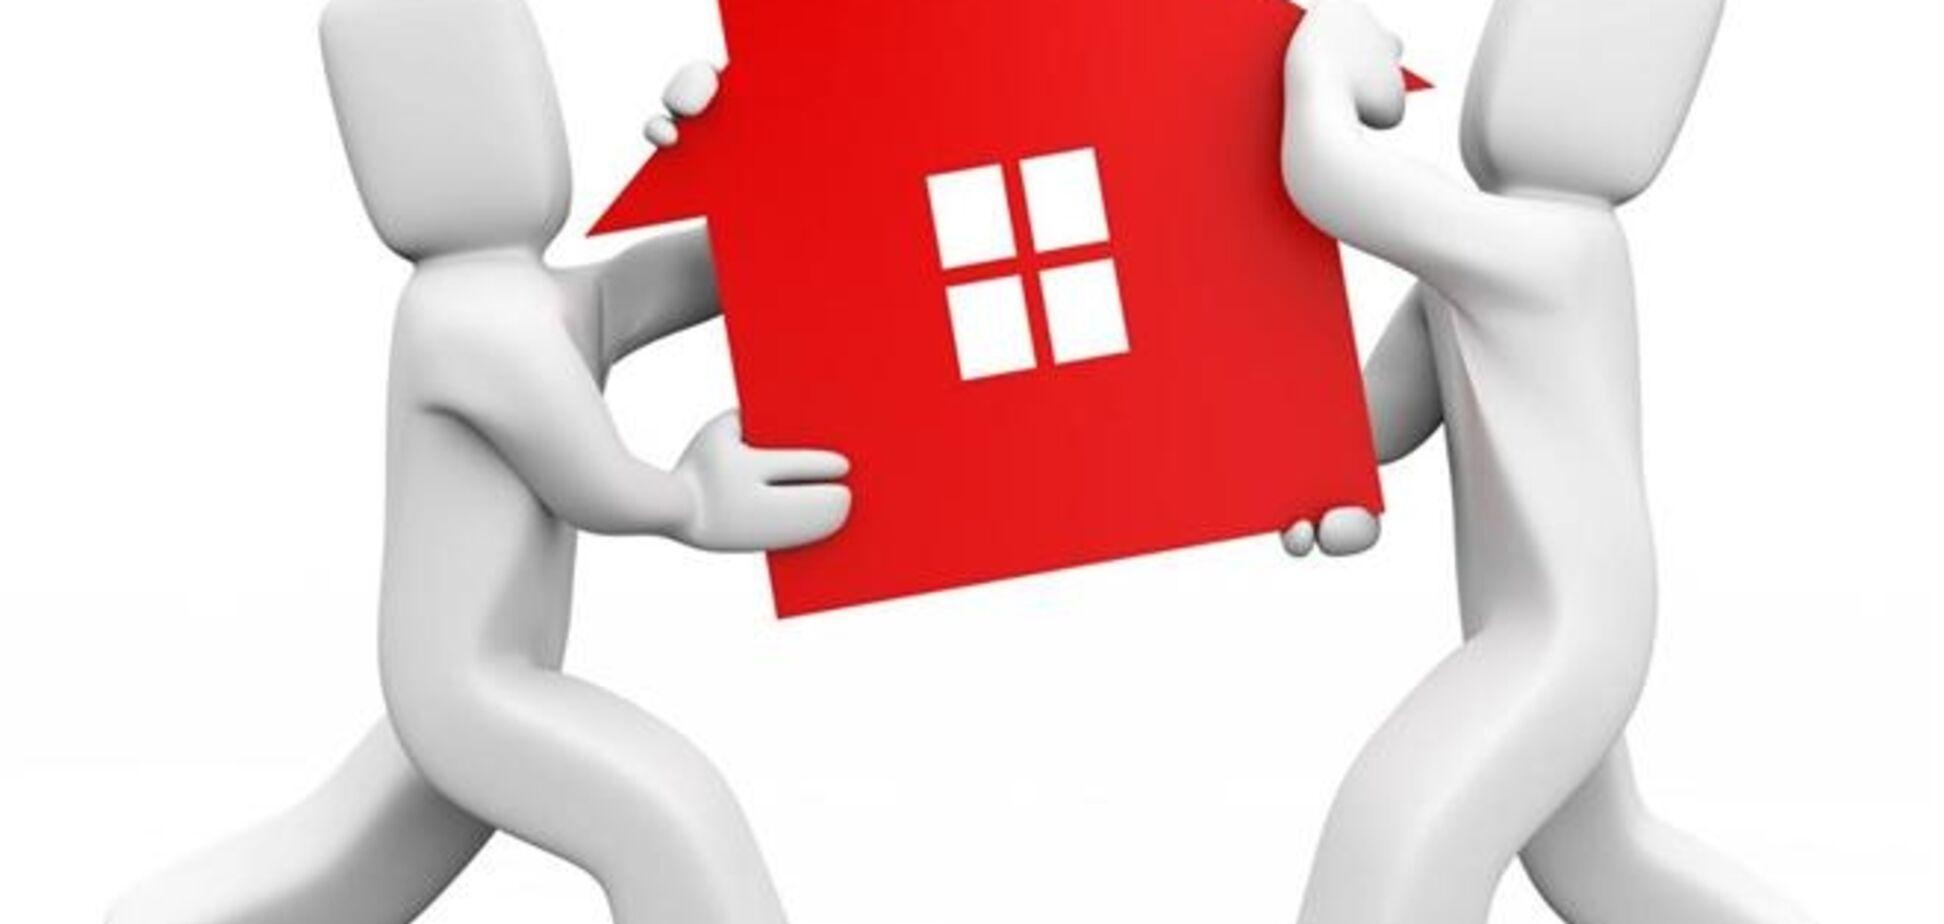 Эксперт назвал дату глобального кризиса на рынке недвижимости